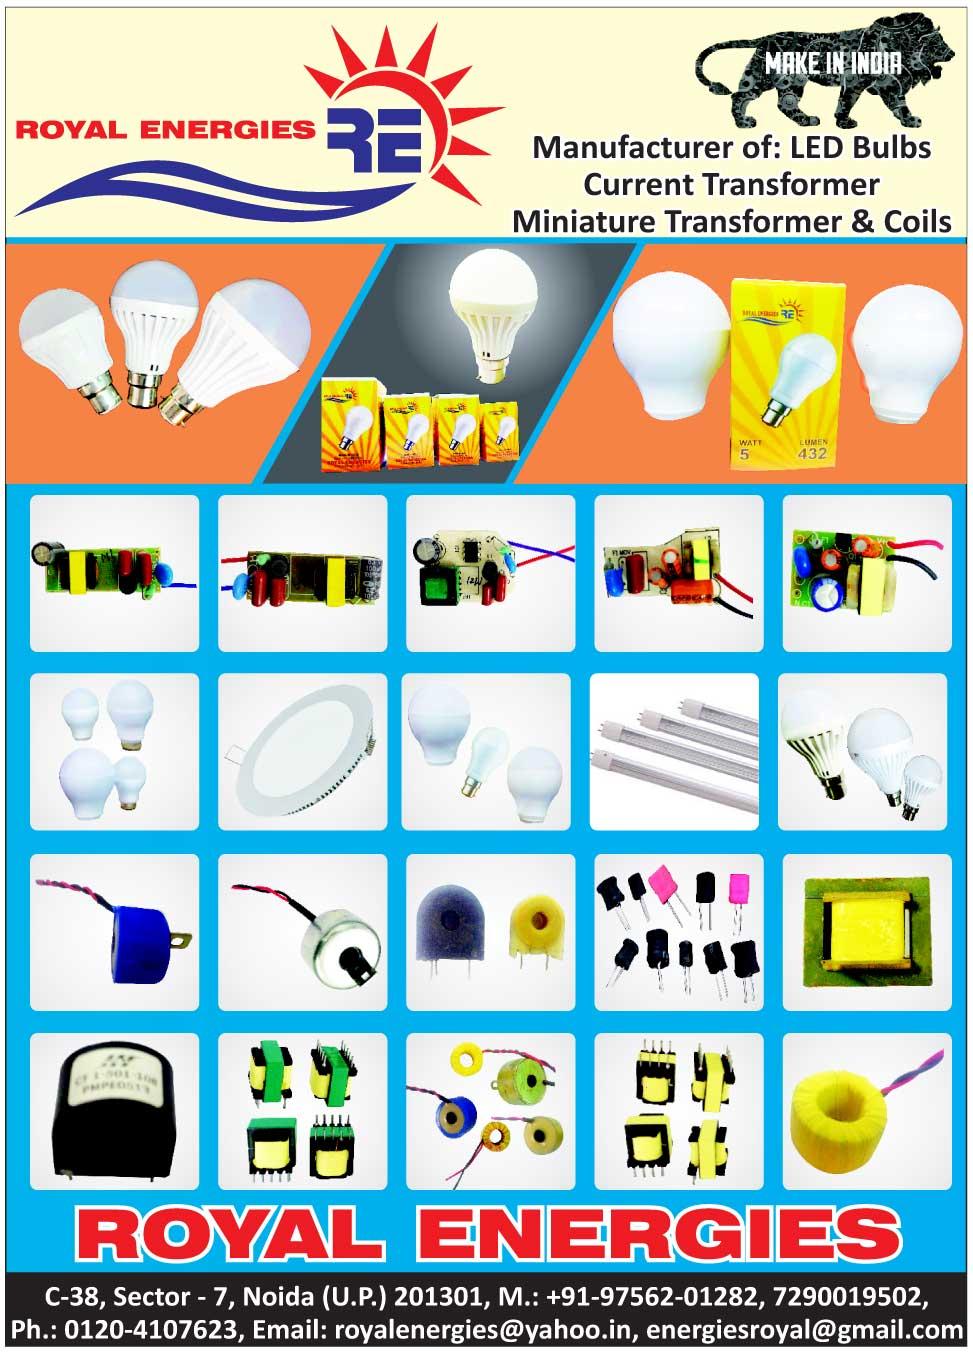 Led Lights, Led Bulbs, Current Transformers, Miniature Transformers, Miniature Transformer Coils, Down Light, Tube Light, Panel Light, Solar Lantern, Track Light, Street Light